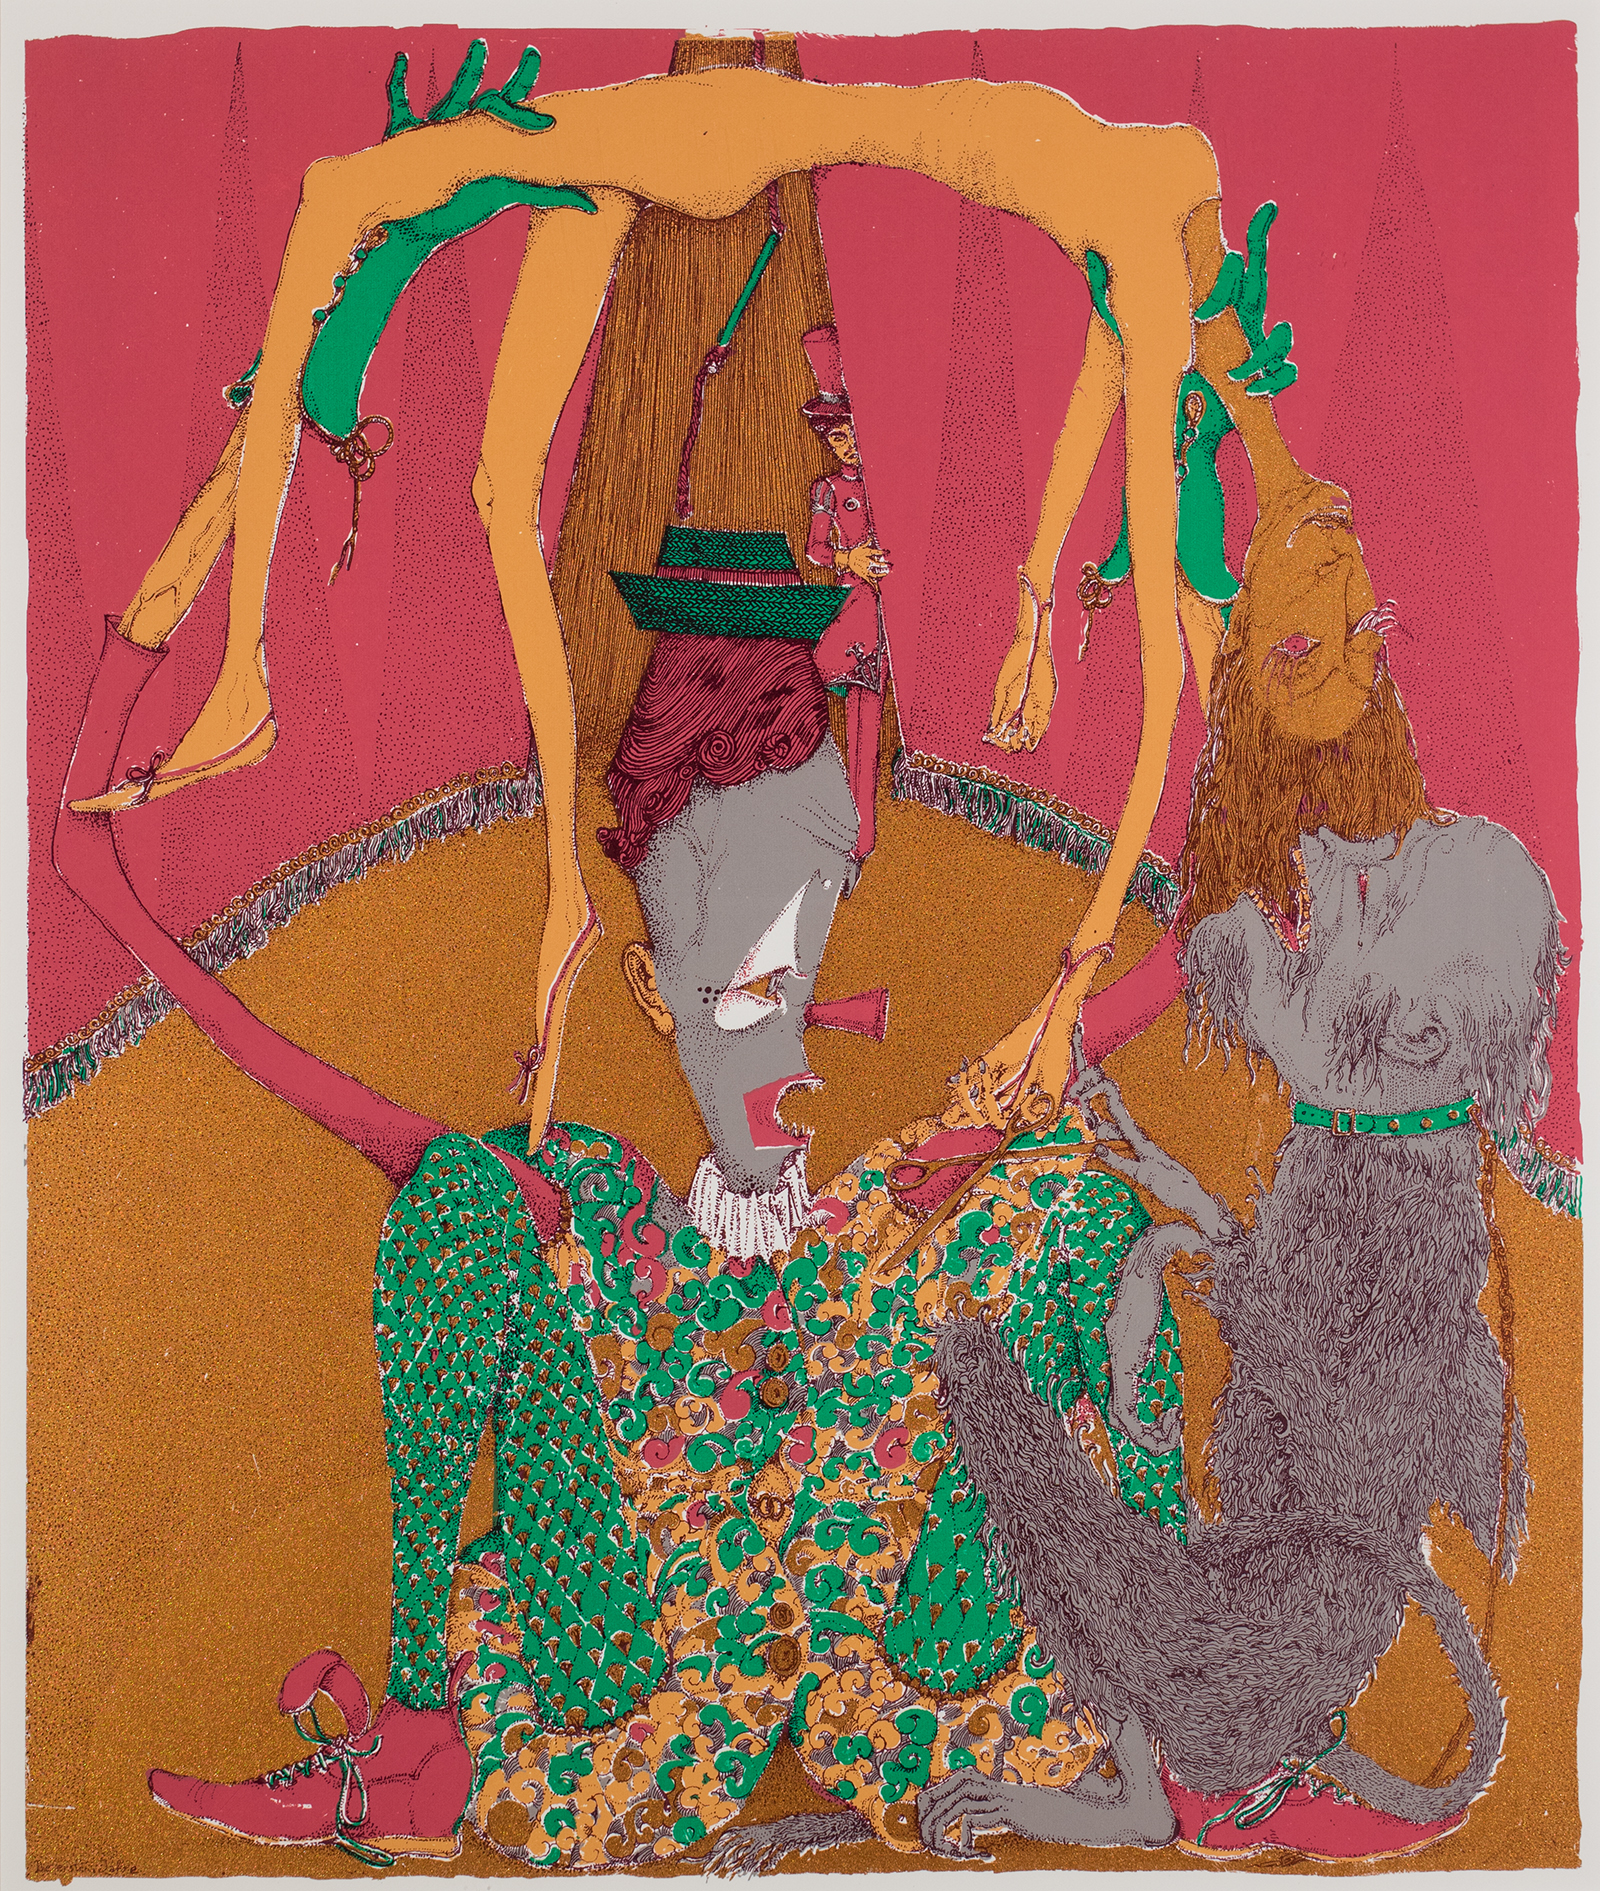 Kai Althoff, Untitled, 2009